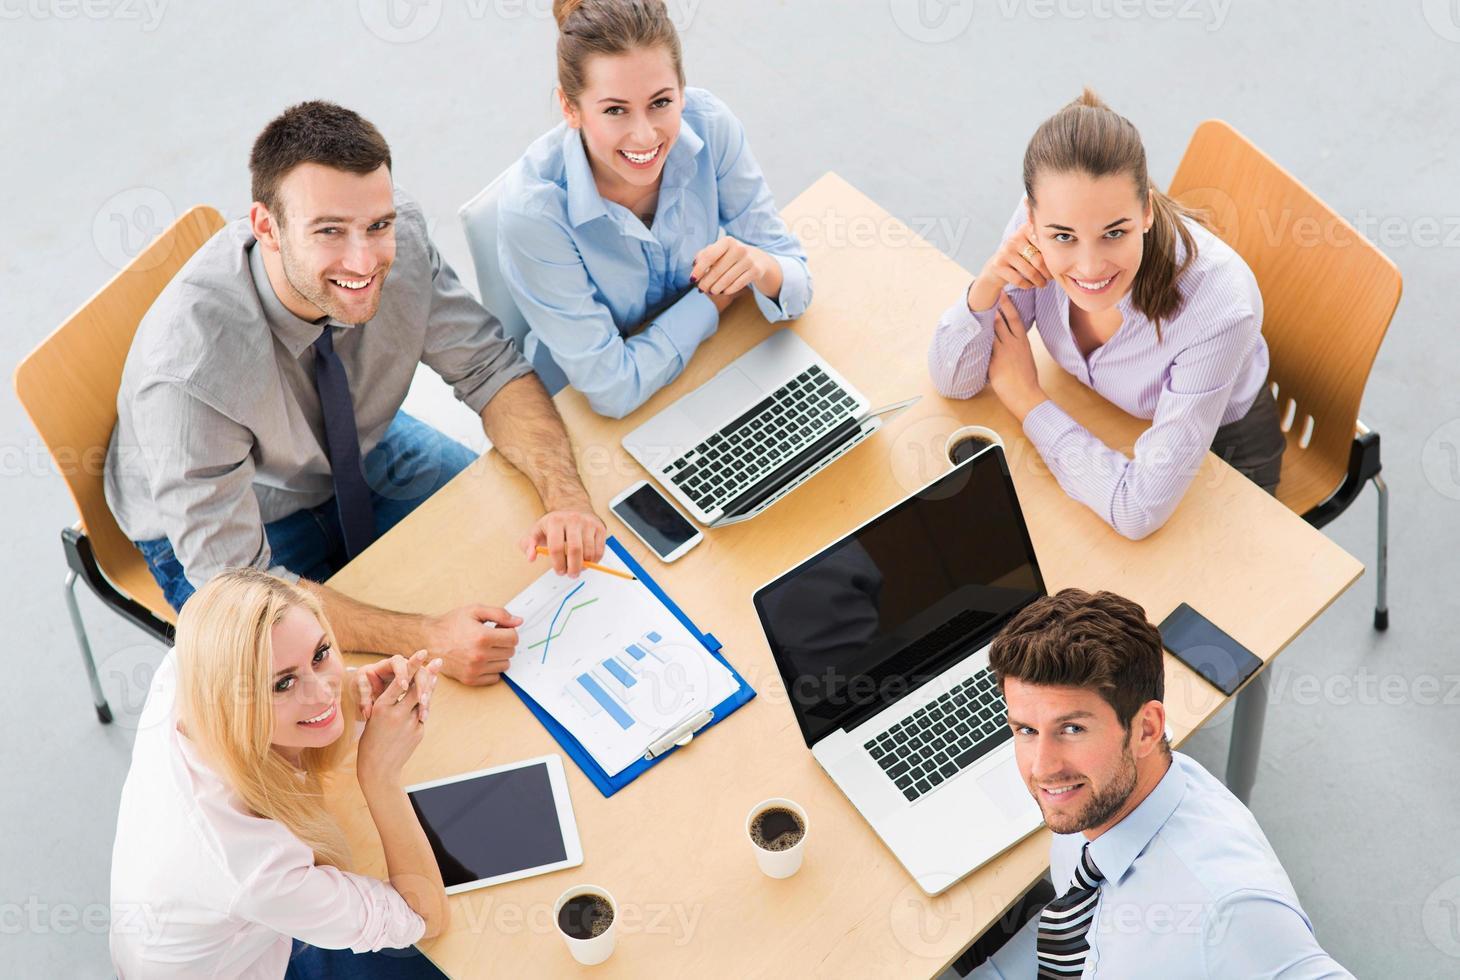 empresarios reunidos en la mesa foto